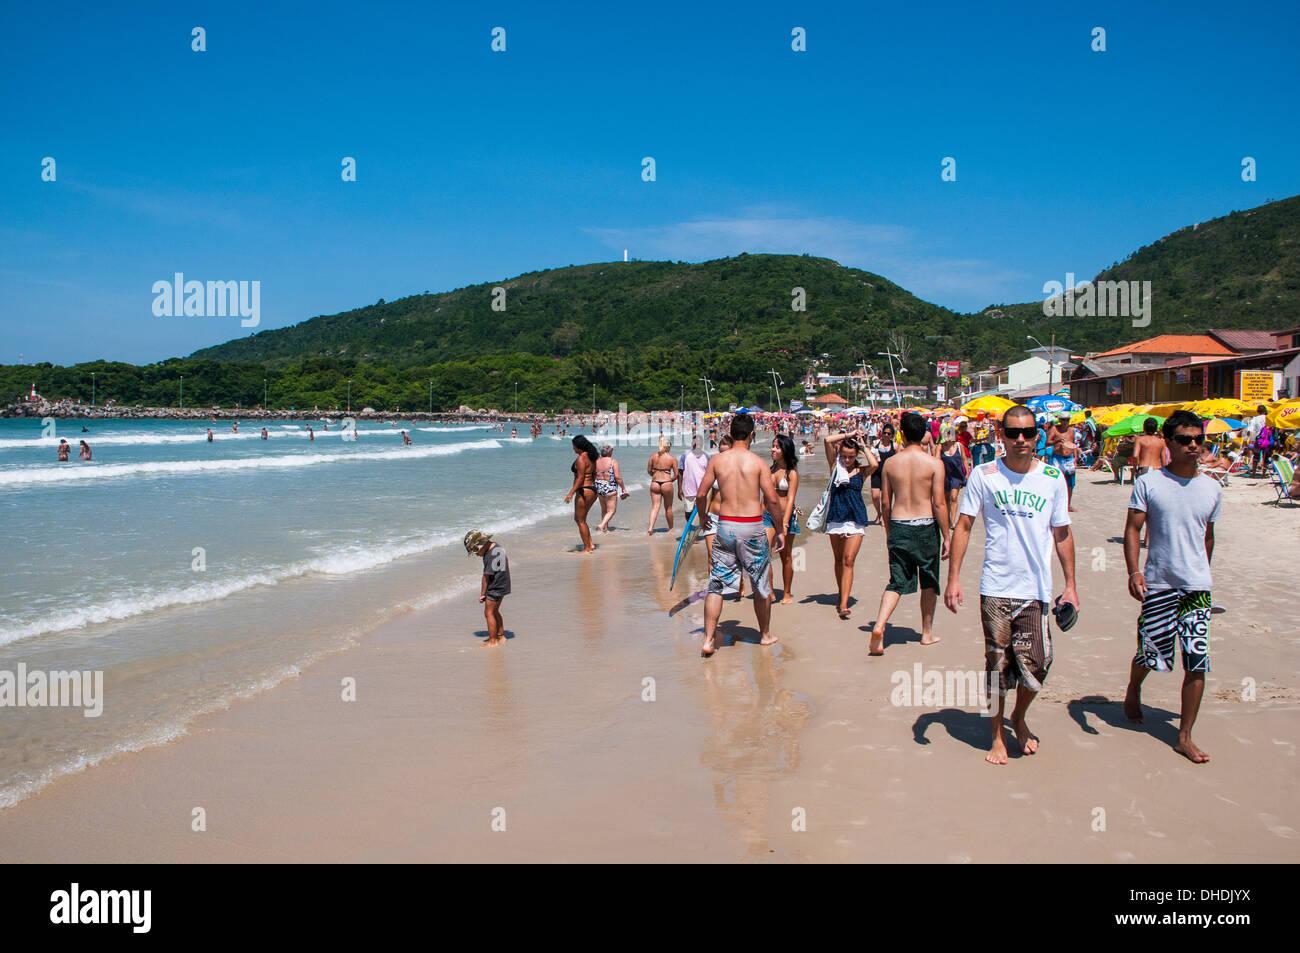 Molto affollata spiaggia su Ilha Catarina (Santa Catarina Island), Stato di Santa Catarina, Brasile Immagini Stock